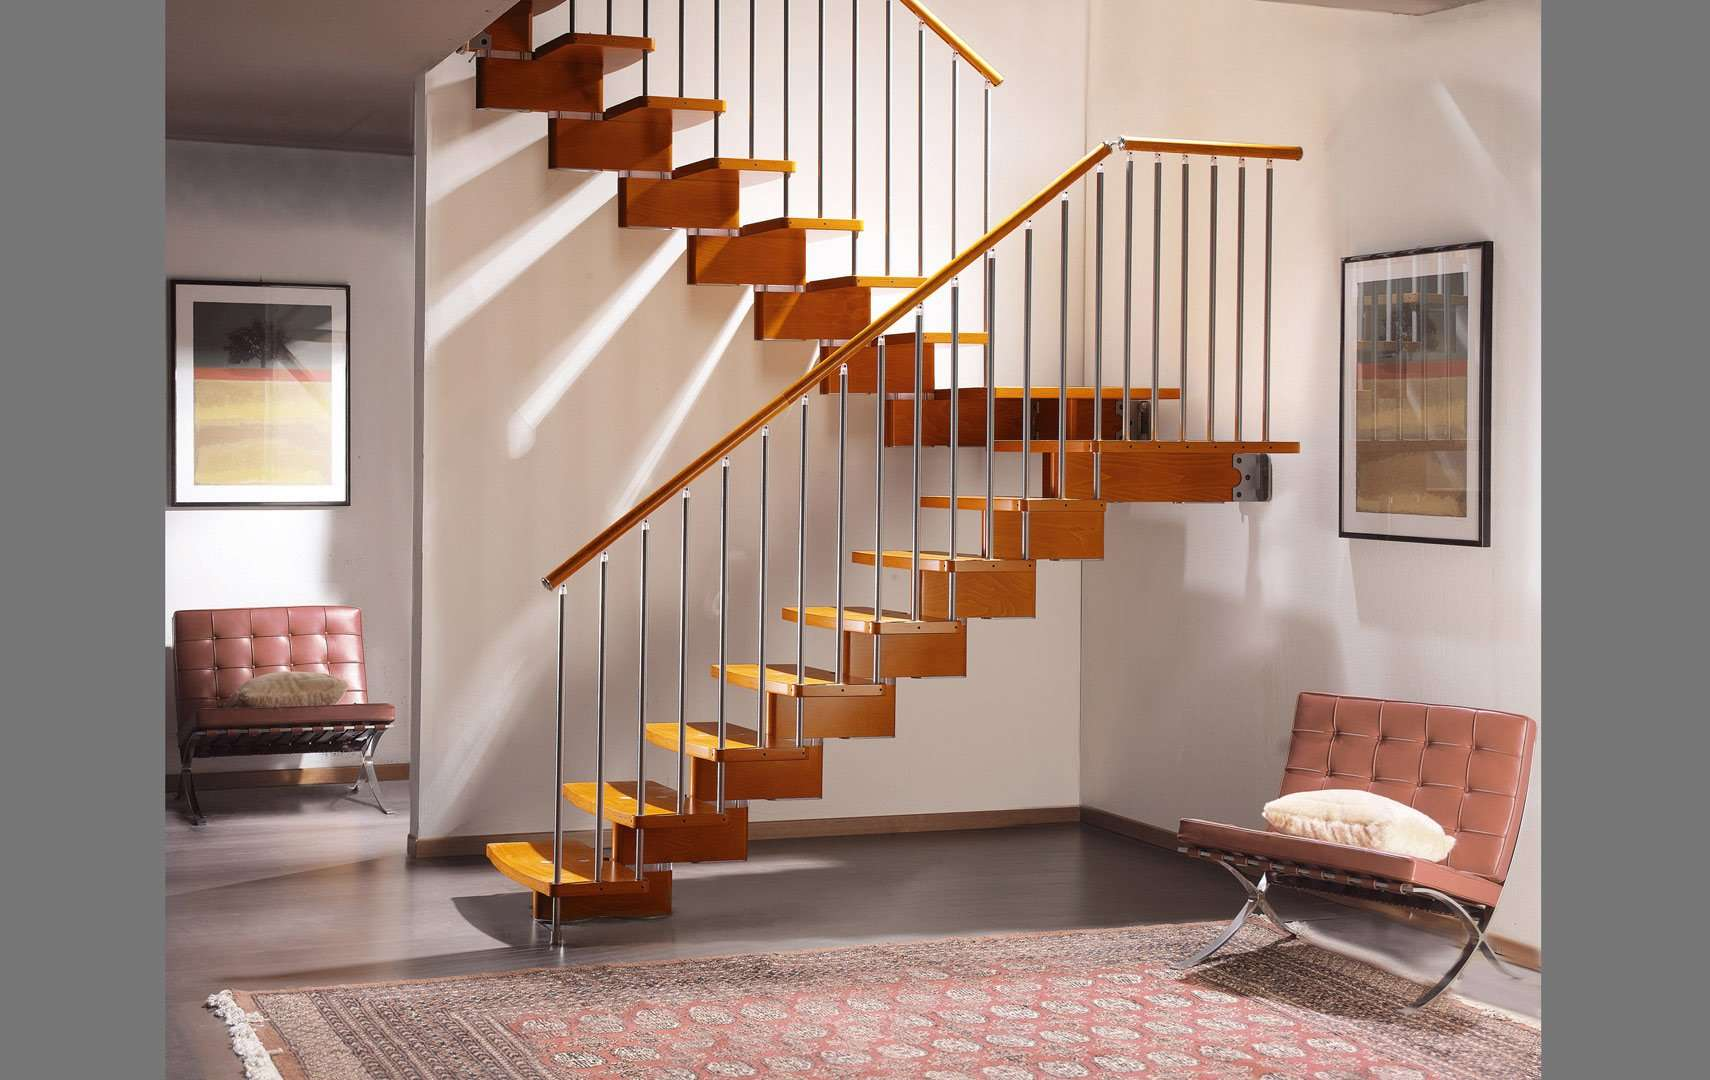 nuvola escaleras italianas escaleras de madera maciza escaleras de design escaleras para interiores escaleras de modulares escaleras